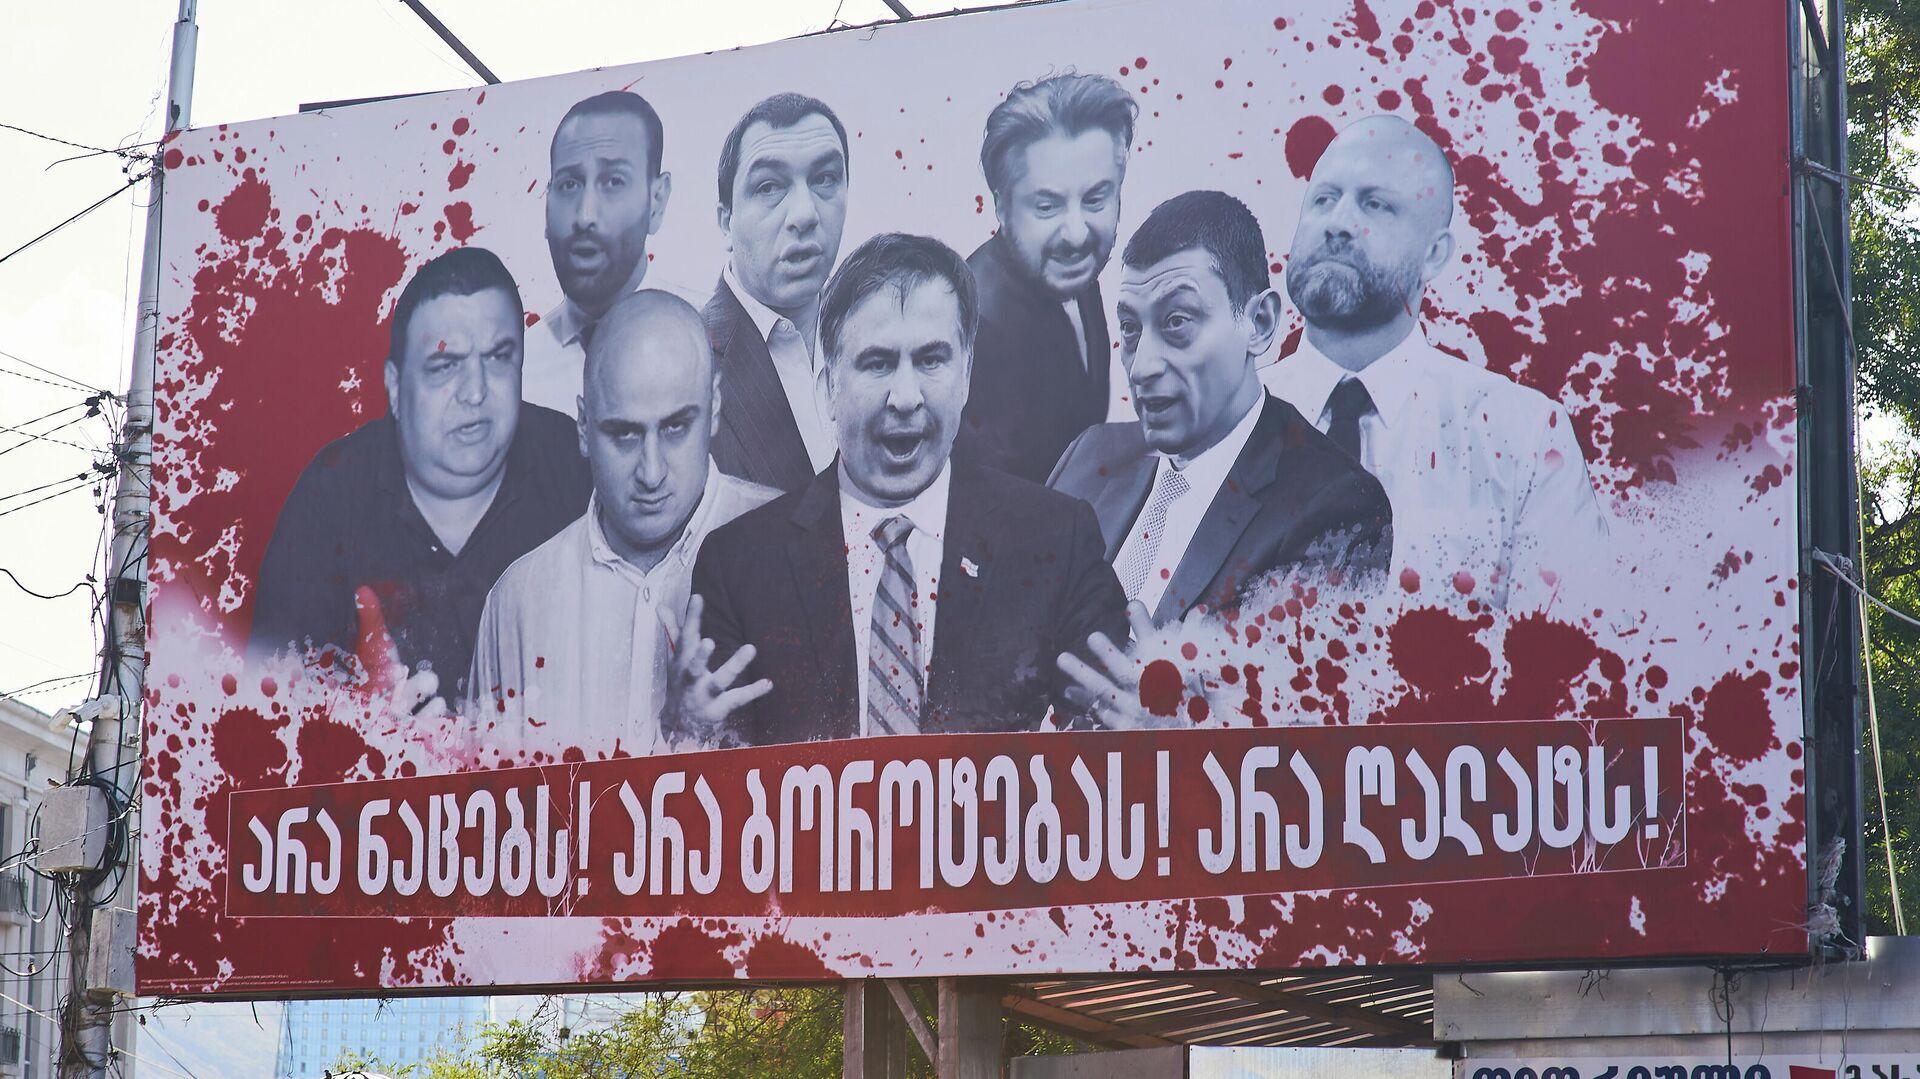 Кровавые баннеры на тбилисских улицах, предвыборная реклама - Sputnik Грузия, 1920, 01.10.2021